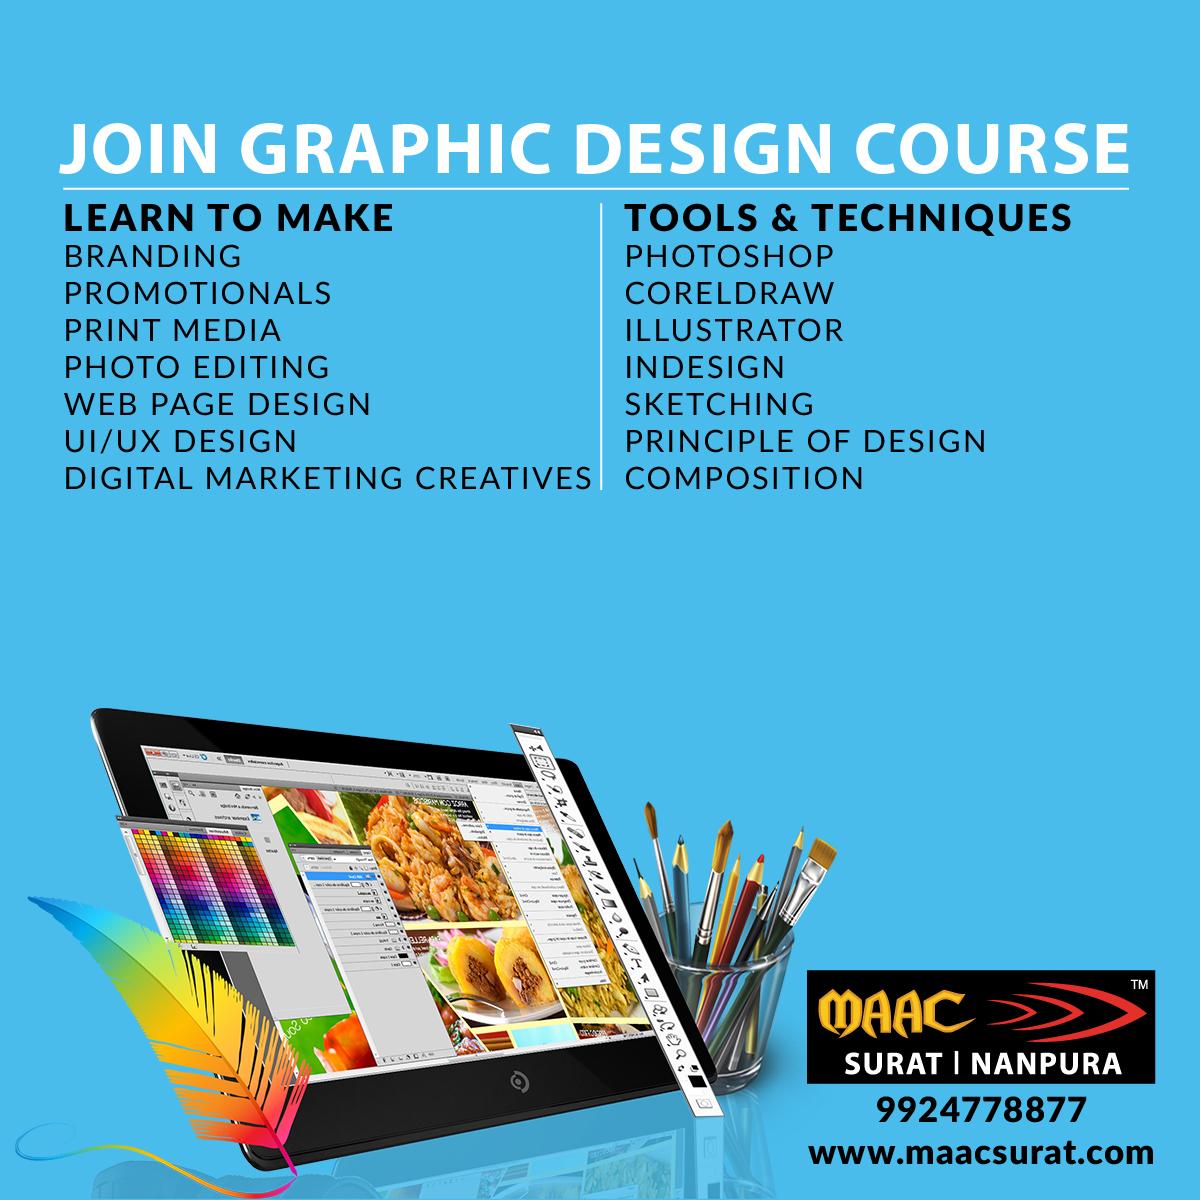 Adobe Photoshop Training in Surat, Classes, Courses, Institutes